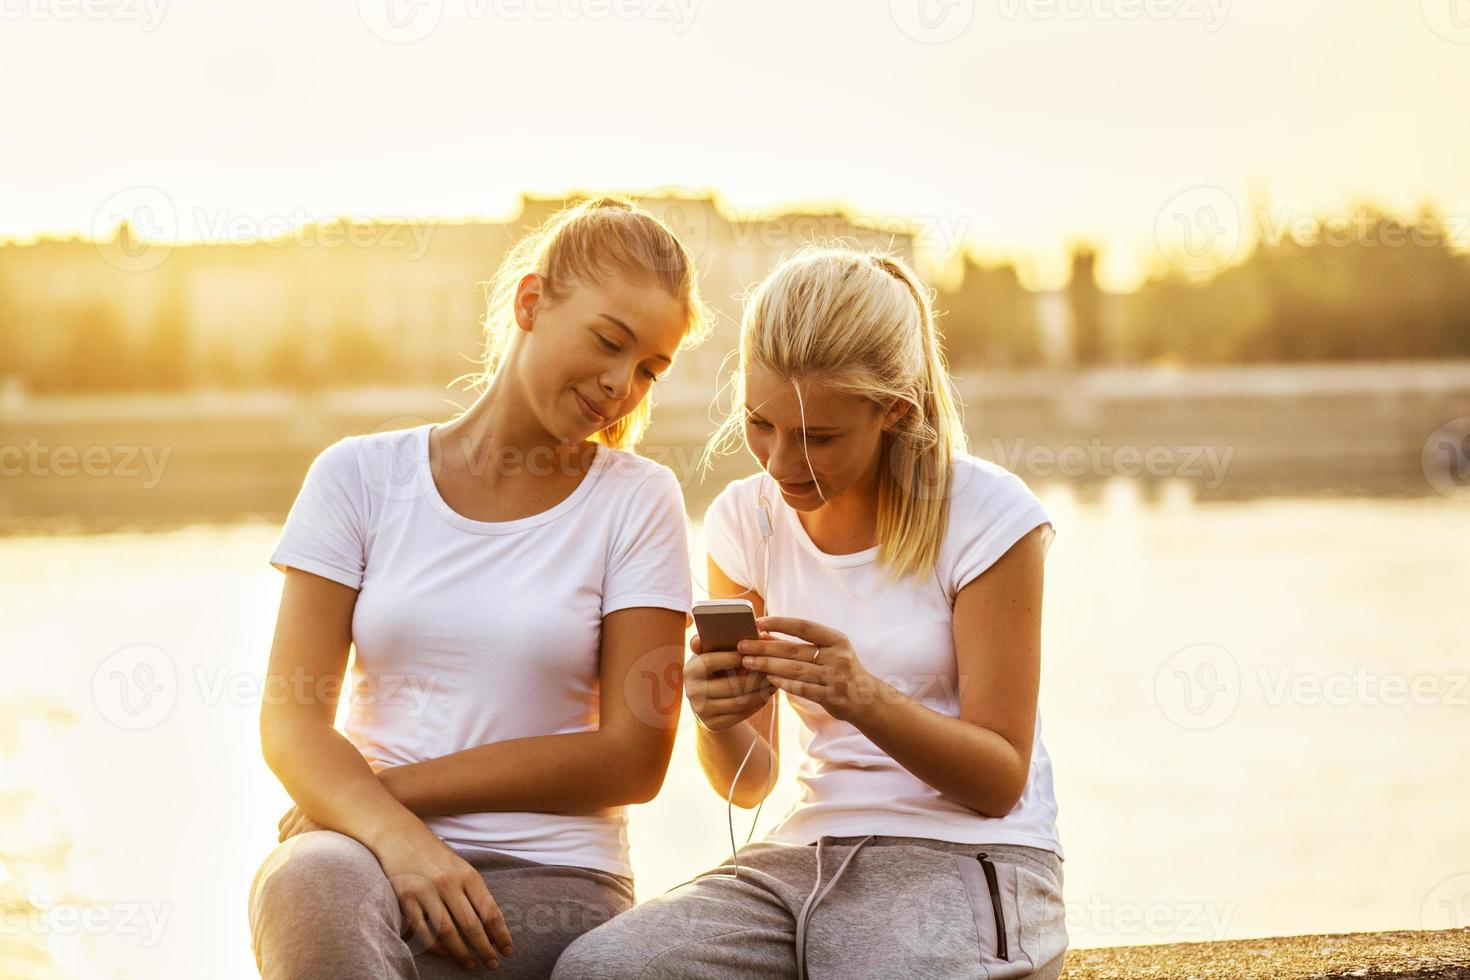 amistad, dos chicas divirtiéndose foto